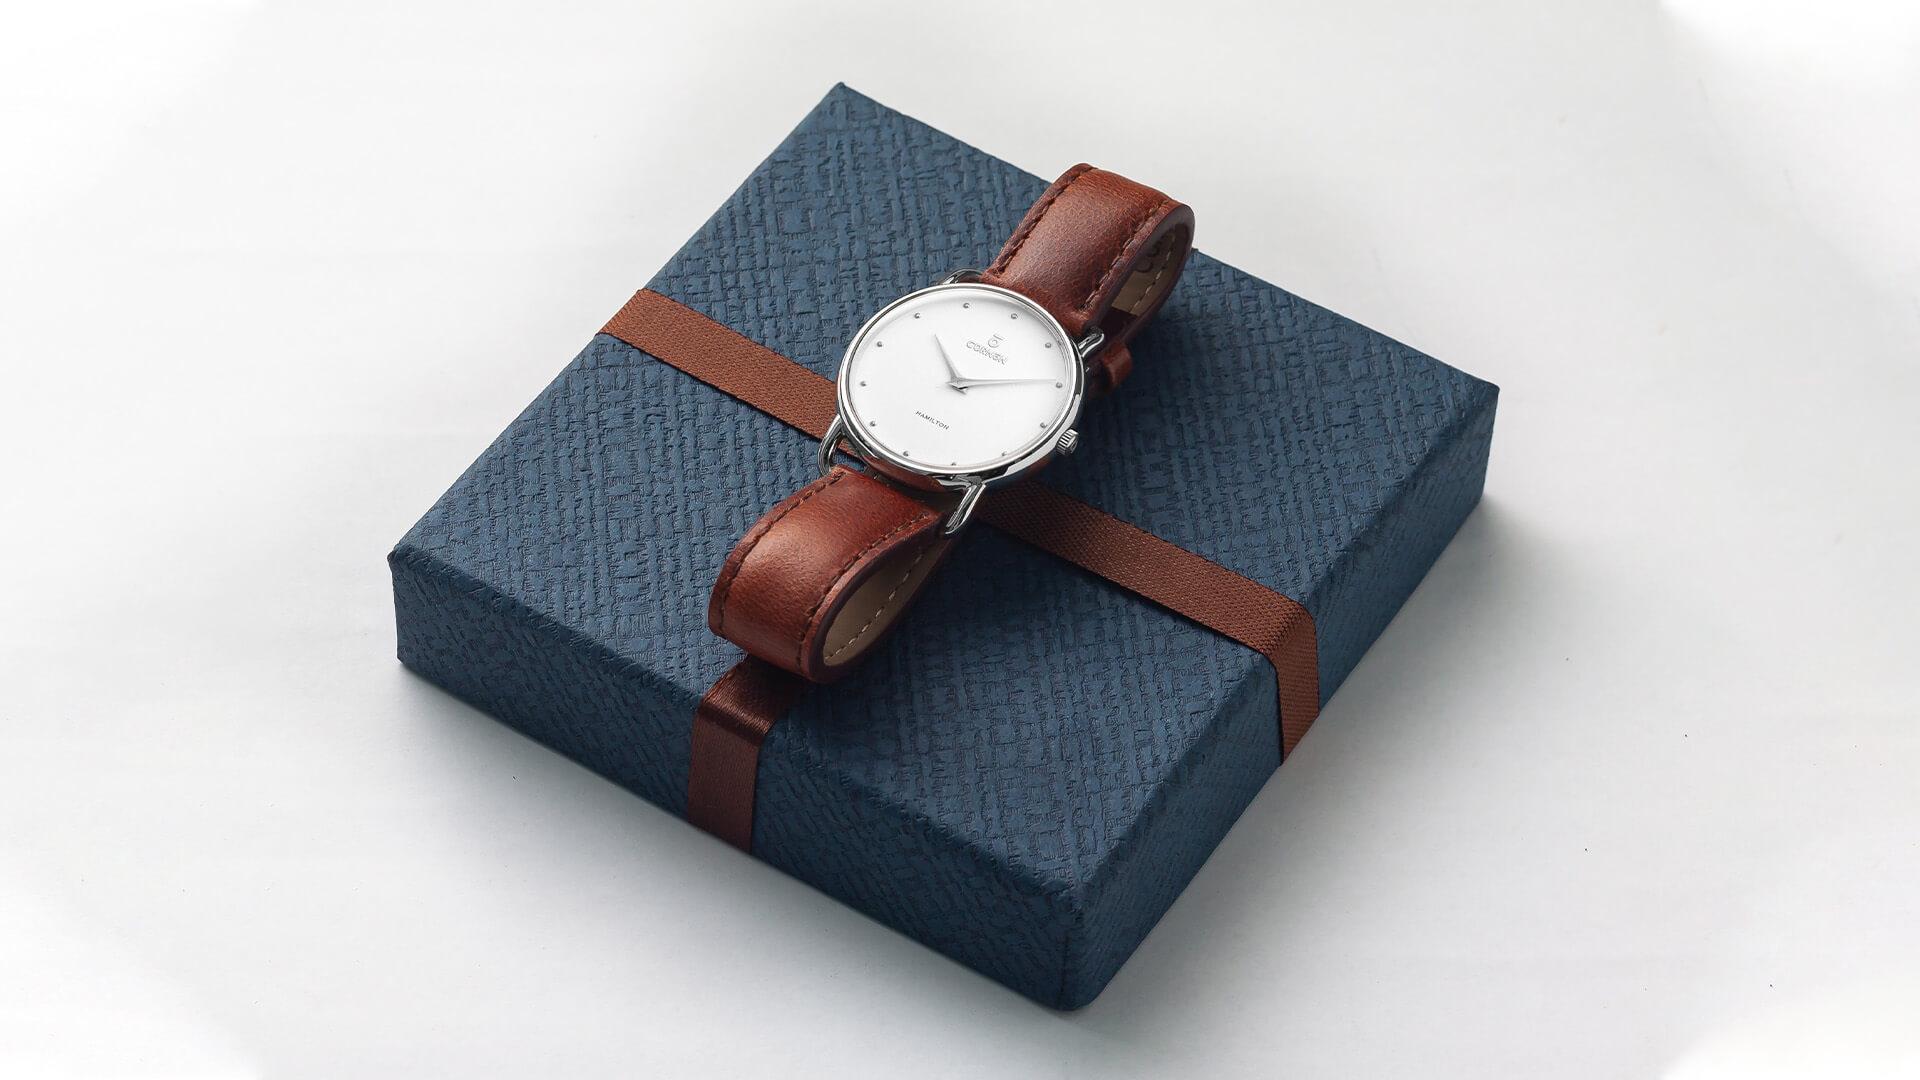 Các loại đồng hồ quartz nữ dây da chính hãng giá rẻ | Curnon Watch